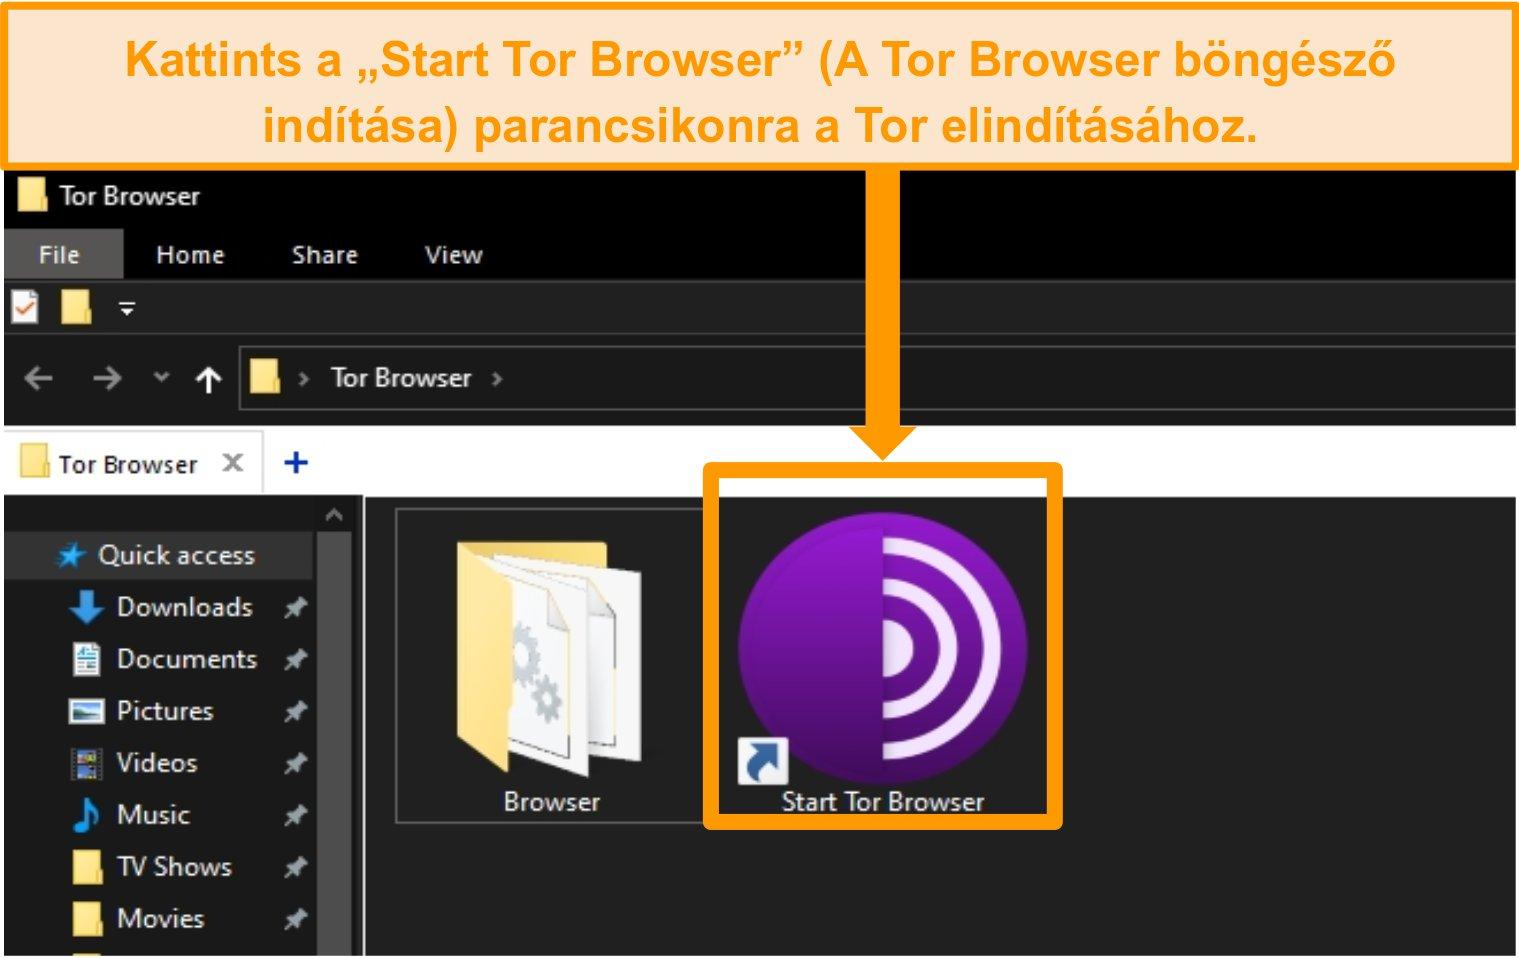 A Tor böngésző telepítési parancsikonjának képernyőképe a Windows rendszeren